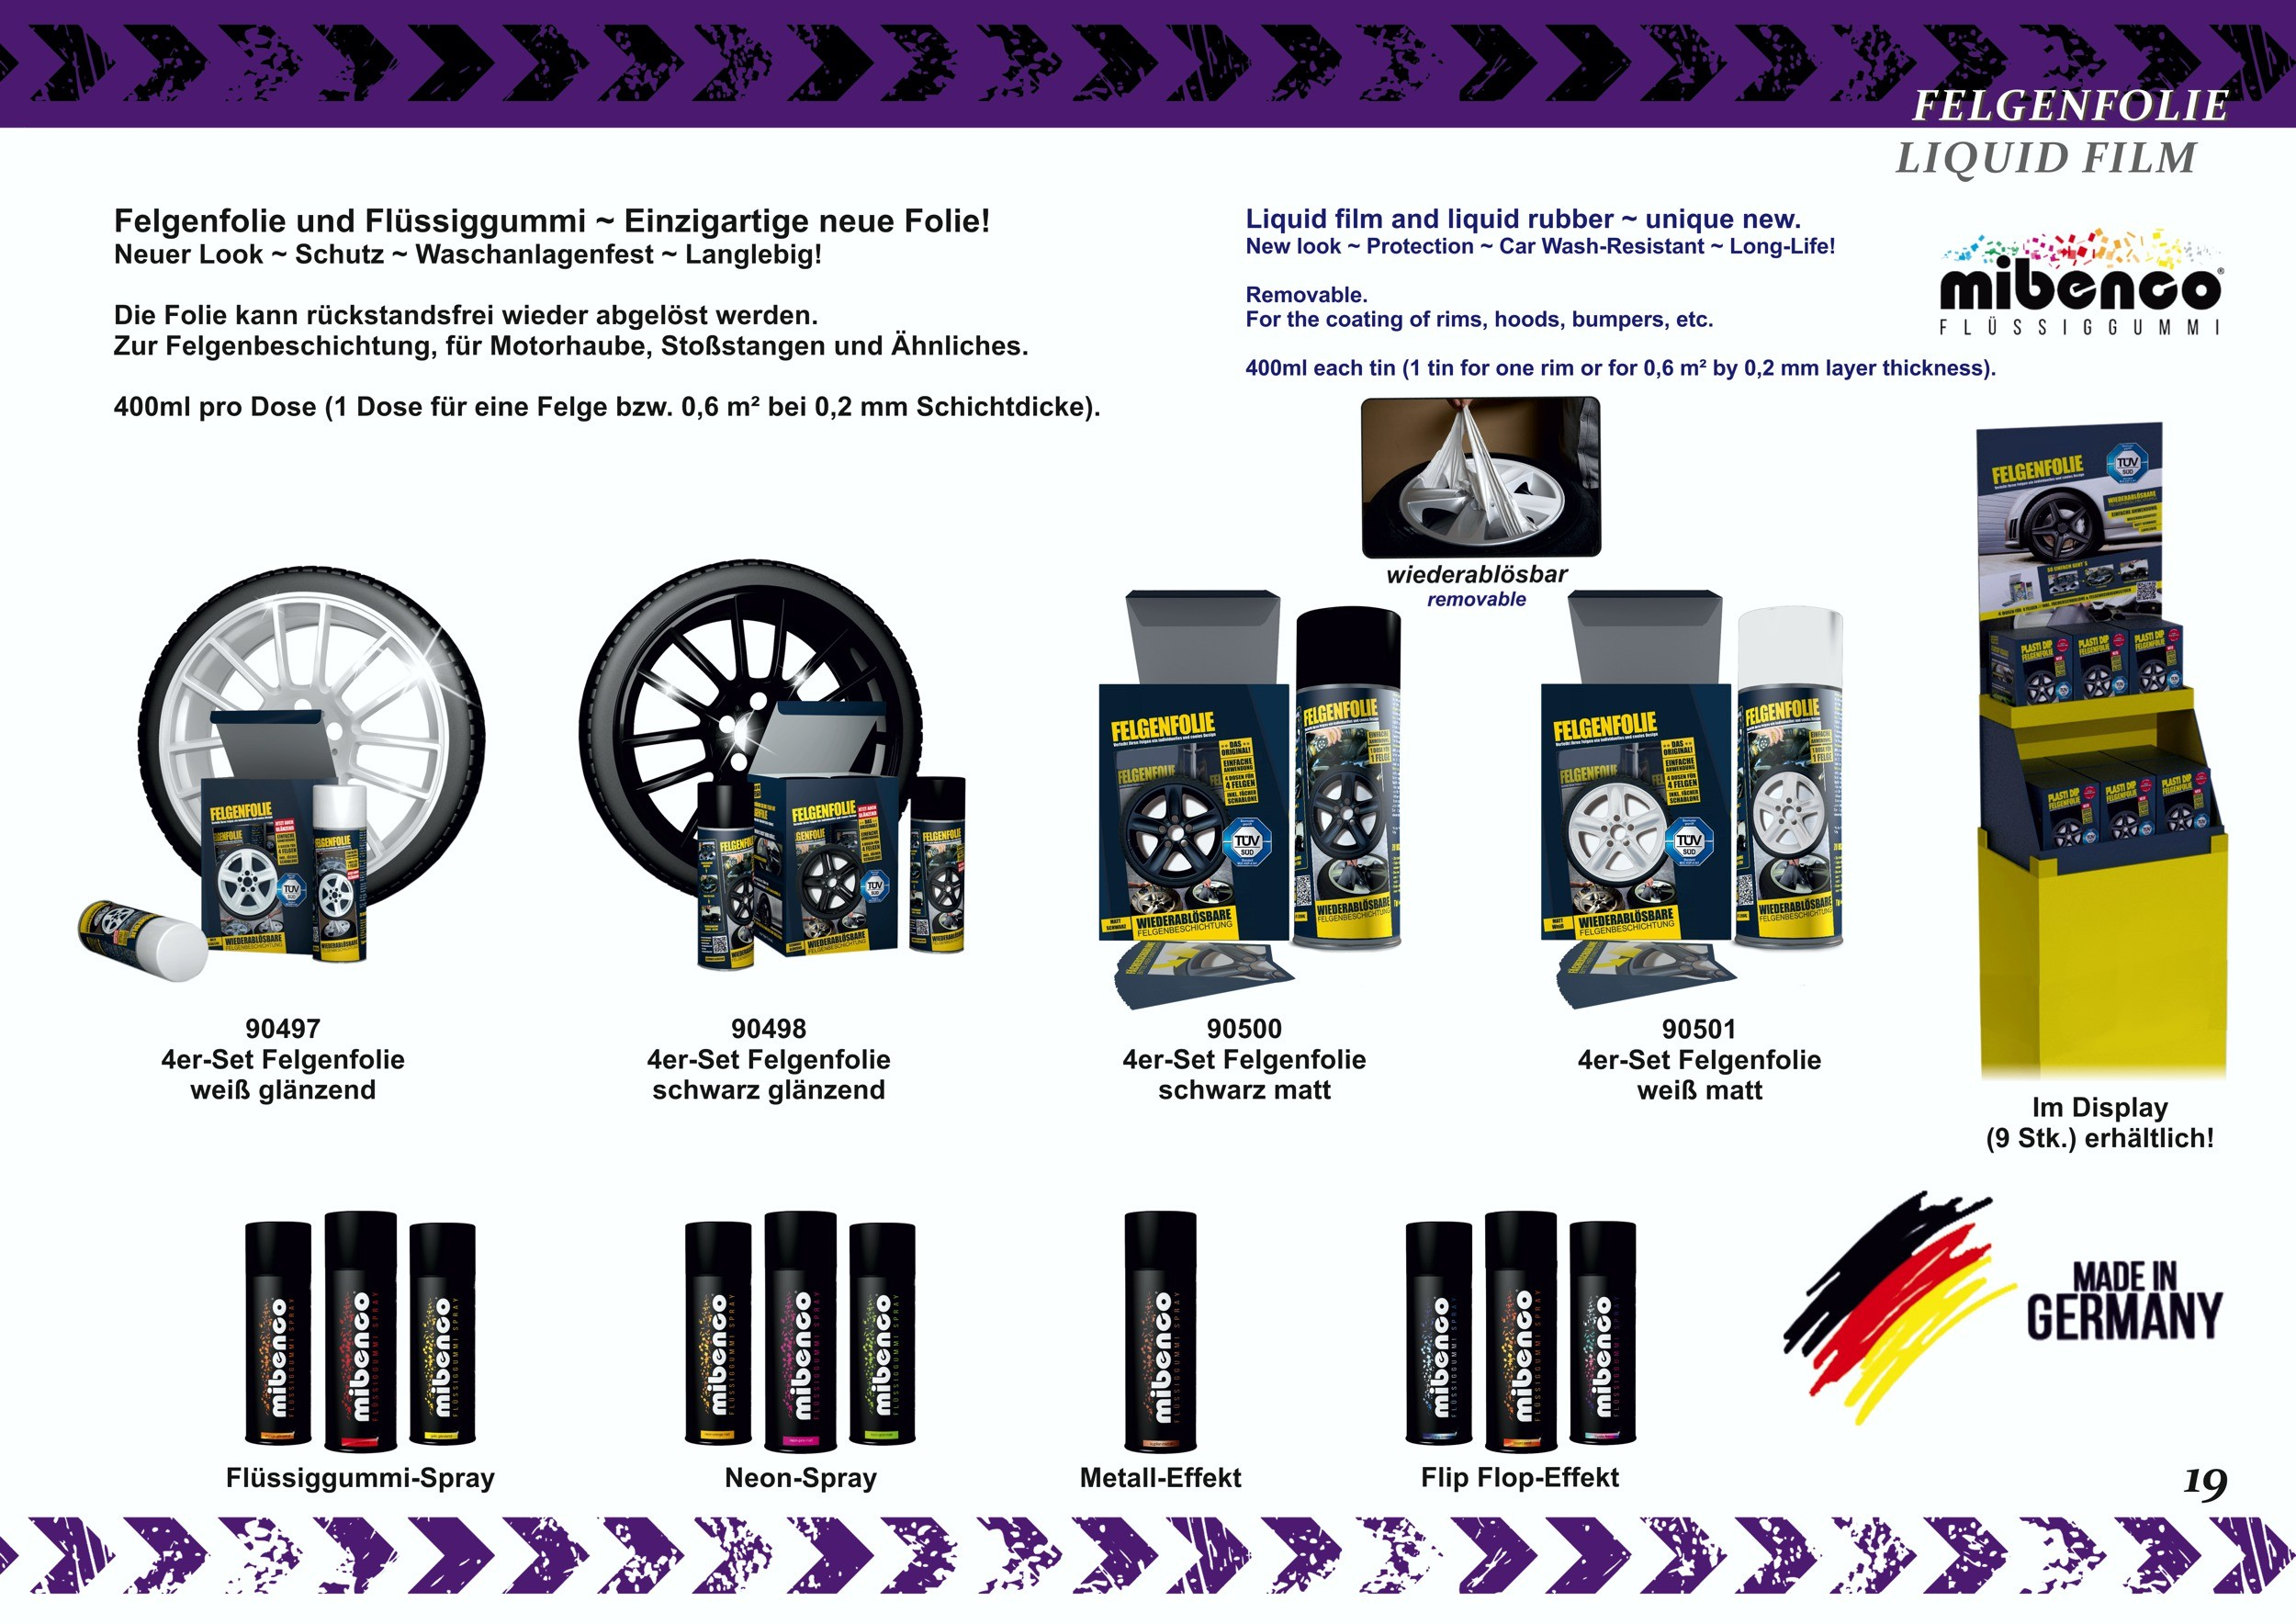 Felgenfolie Mibenco schwarz matt  (4 Dosen à 400 ml im Set) ... auch für Karosserie! – Bild 4